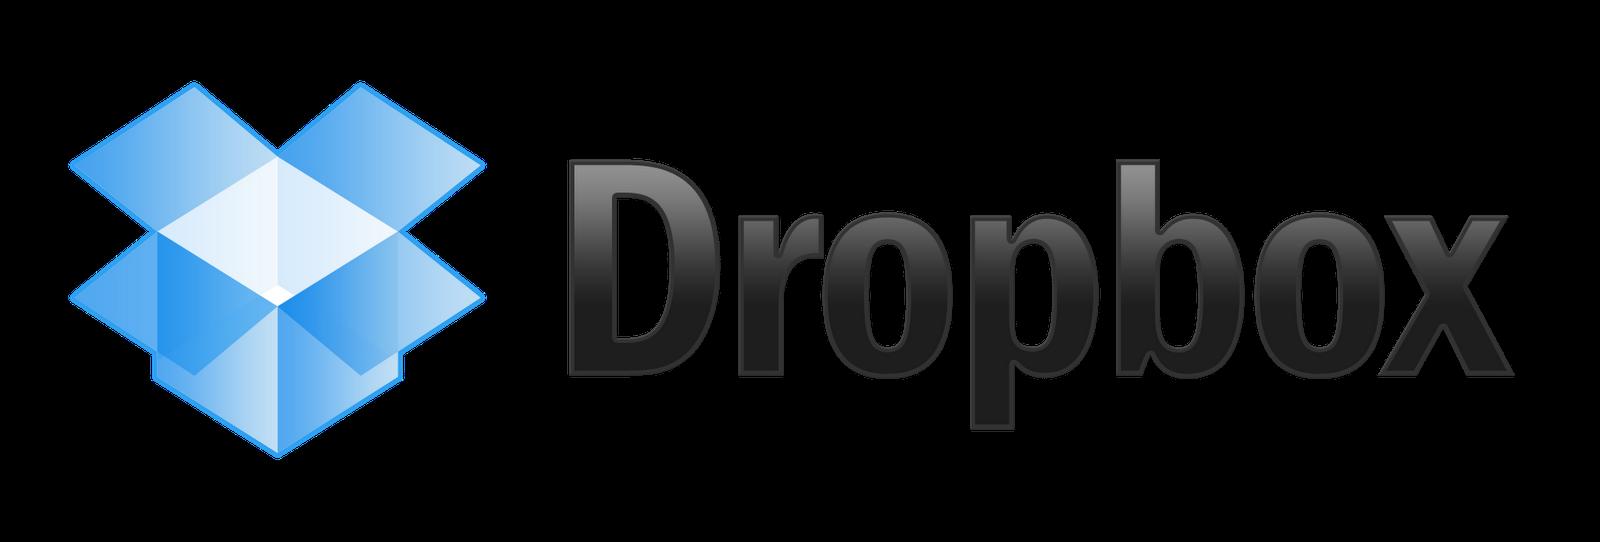 Terimakasih kepada dropbox